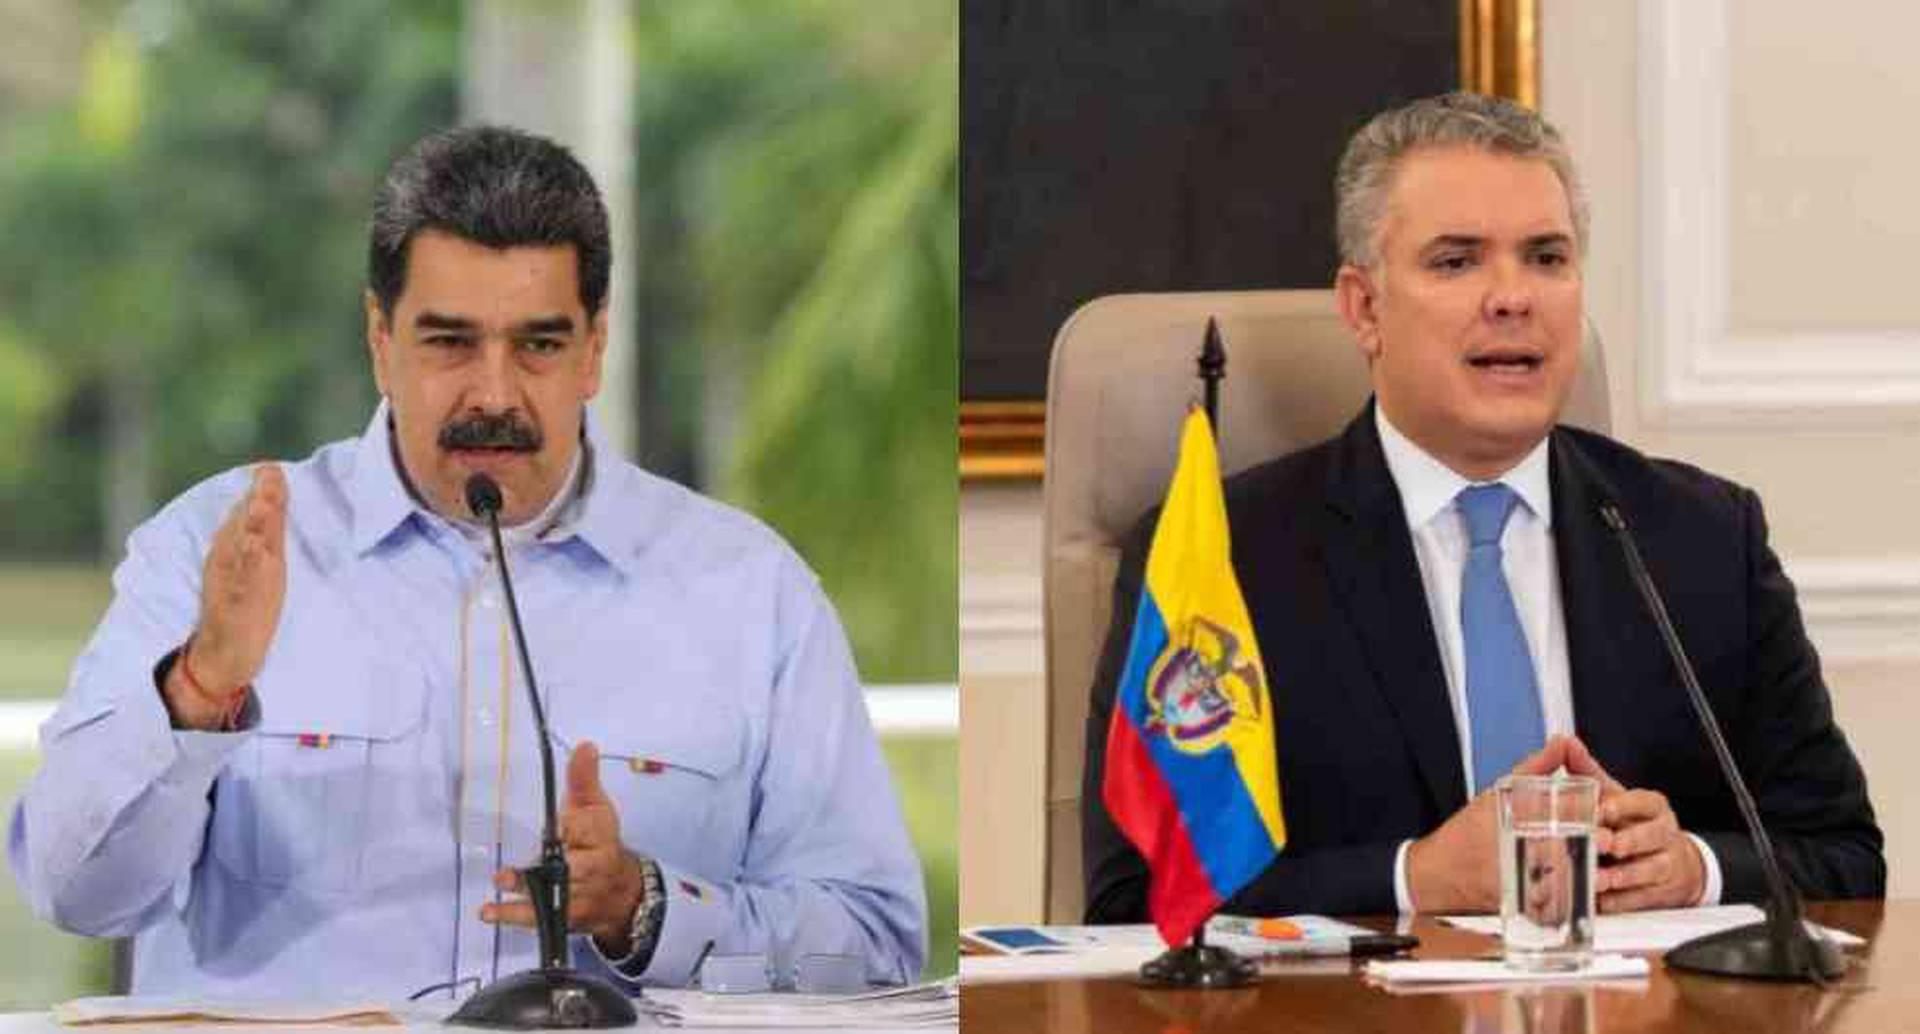 Nicolás Maduro acusa a Iván Duque de planear su asesinato | Noticias del día